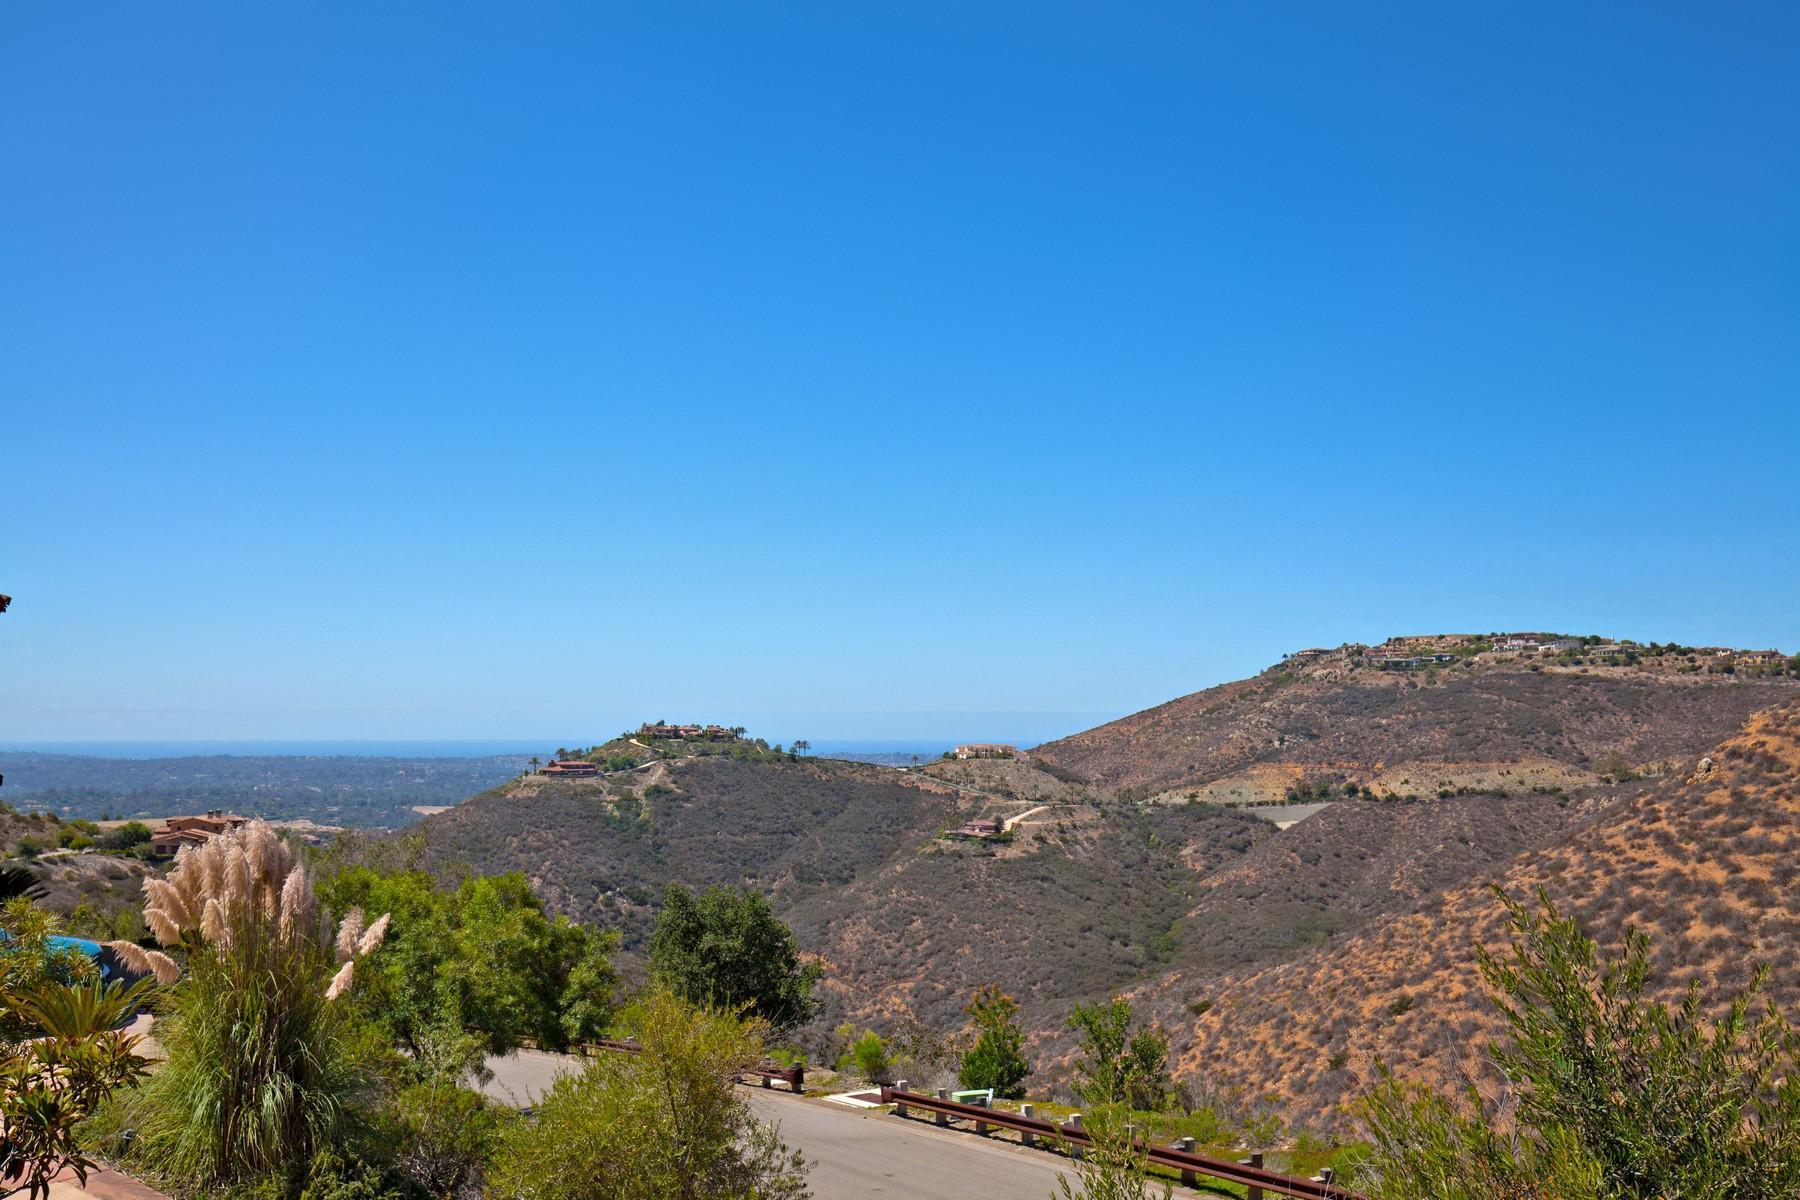 Terrain pour l Vente à El Brazo lot 87 Rancho Santa Fe, Californie 92067 États-Unis